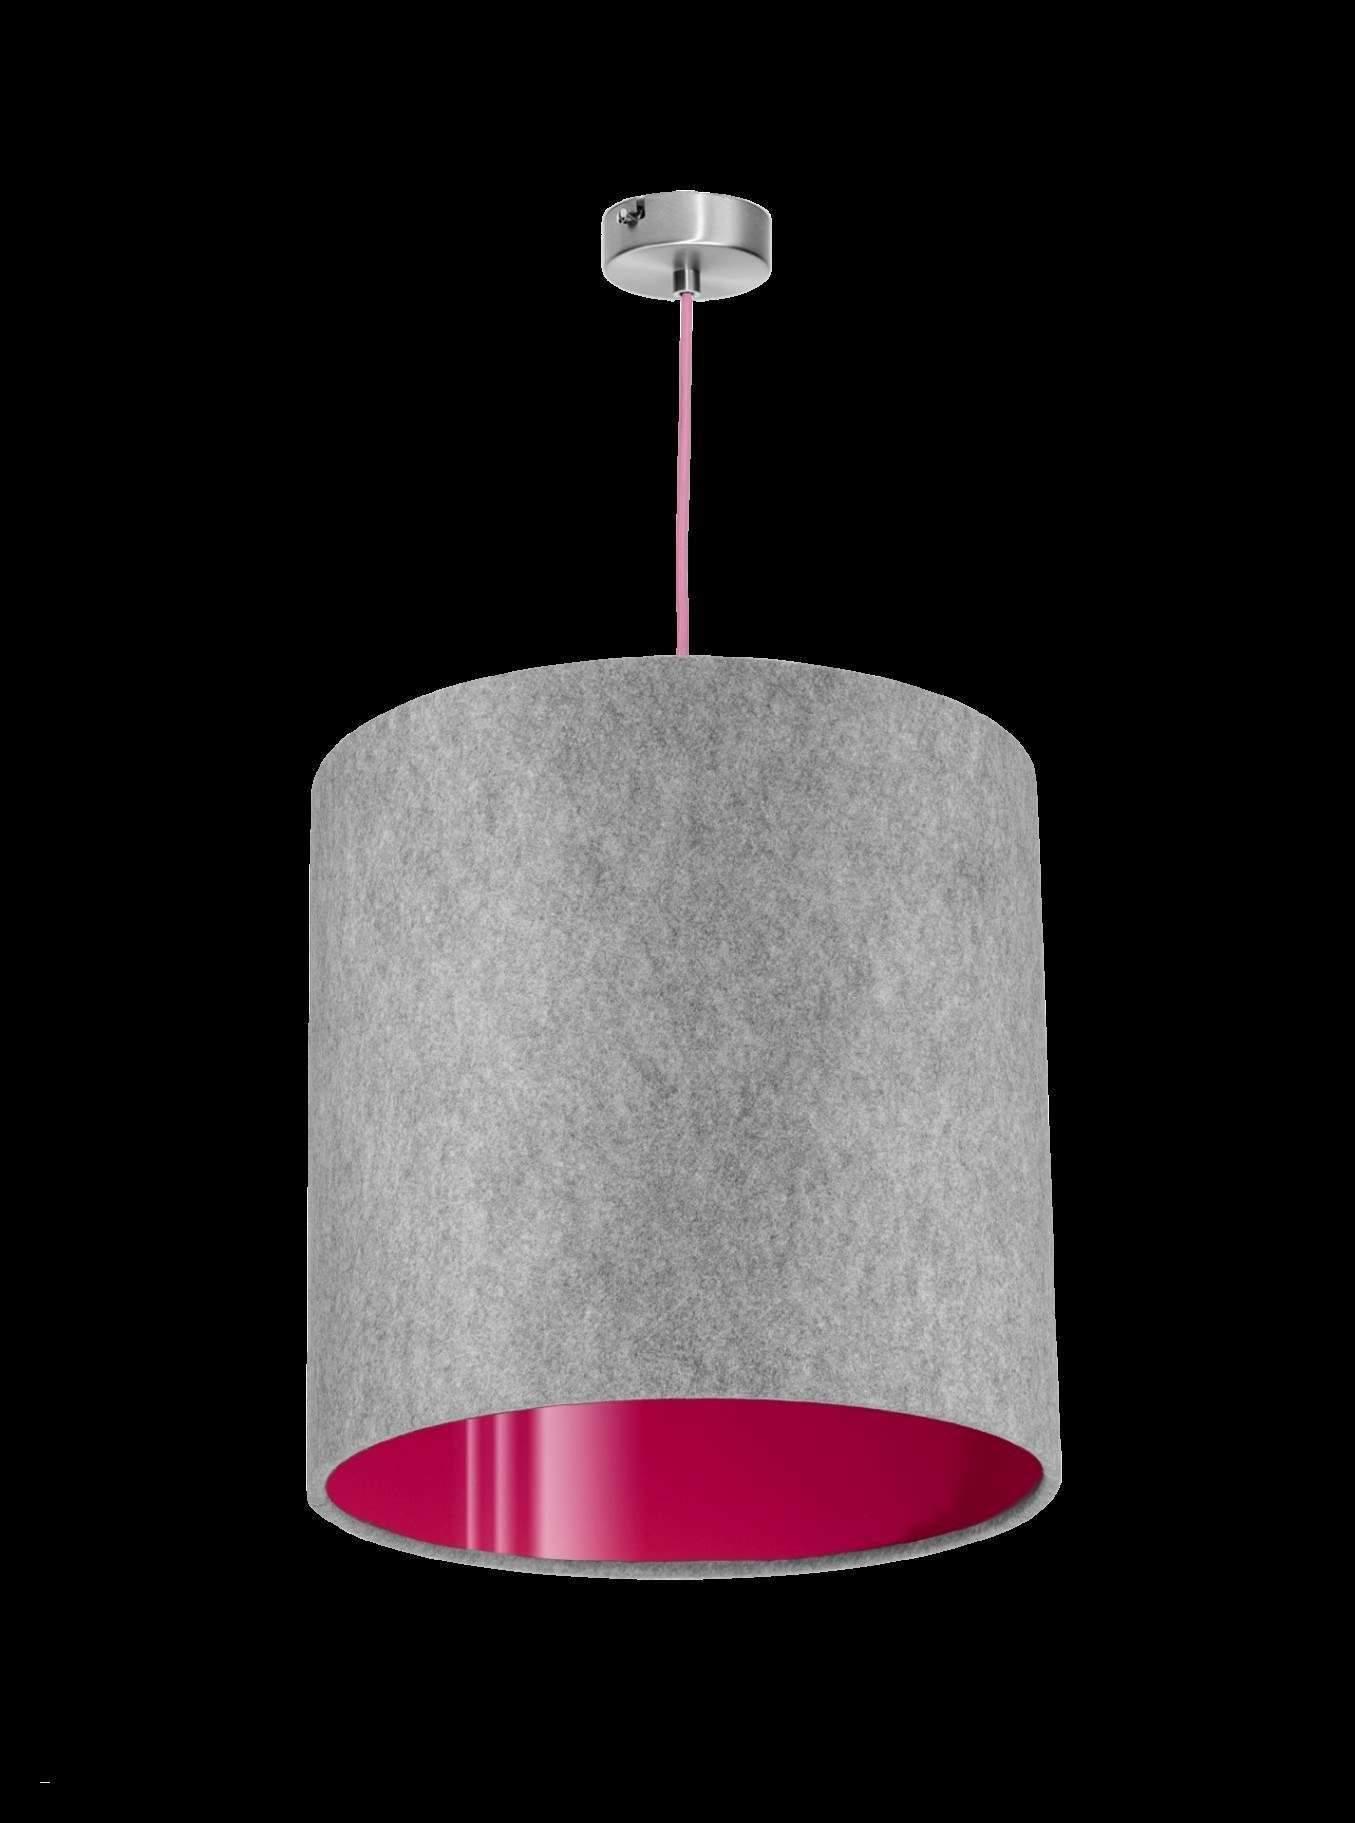 Full Size of Schlafzimmer Deckenleuchten Ikea Design Dimmbar Led Amazon Moderne Modern Obi Deckenleuchte Designer Romantisch Wohnzimmer Schn 30 Tolle Von Schimmel Im Stuhl Wohnzimmer Schlafzimmer Deckenleuchten